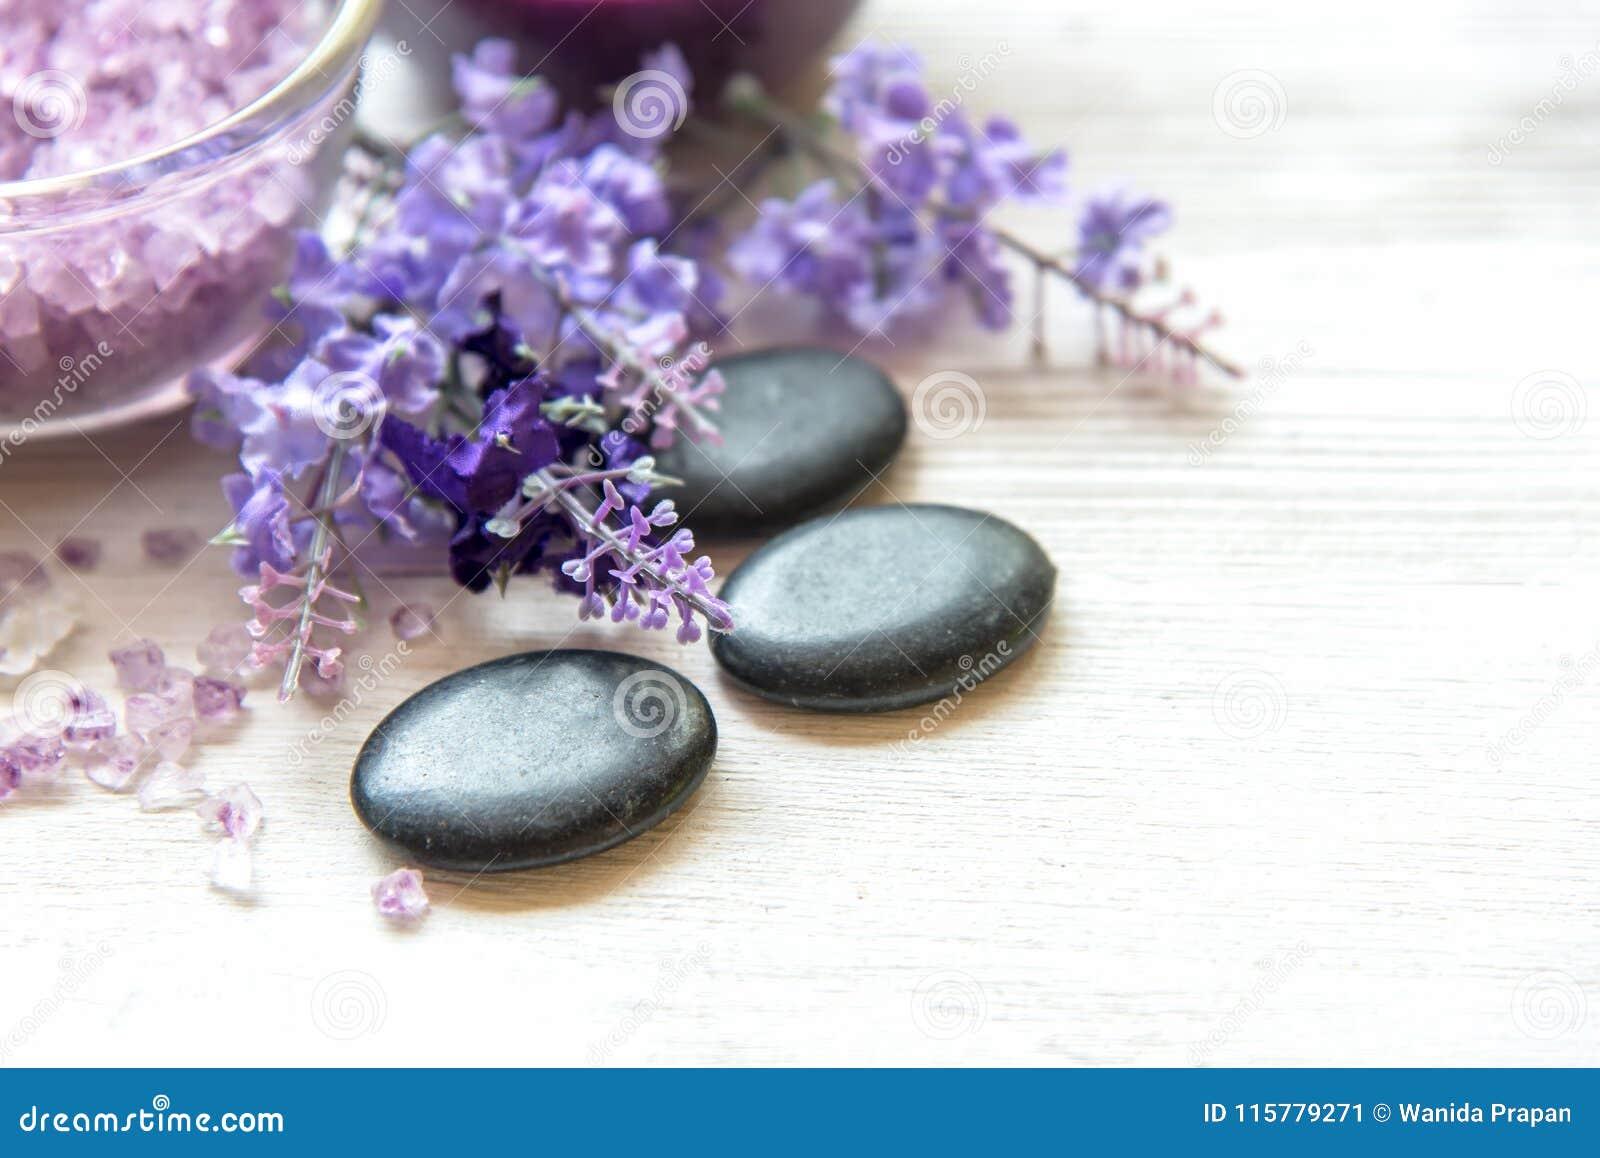 Purper Lavendel aromatherapy Kuuroord met zout en behandeling voor lichaam Het Thaise Kuuroord ontspant massage